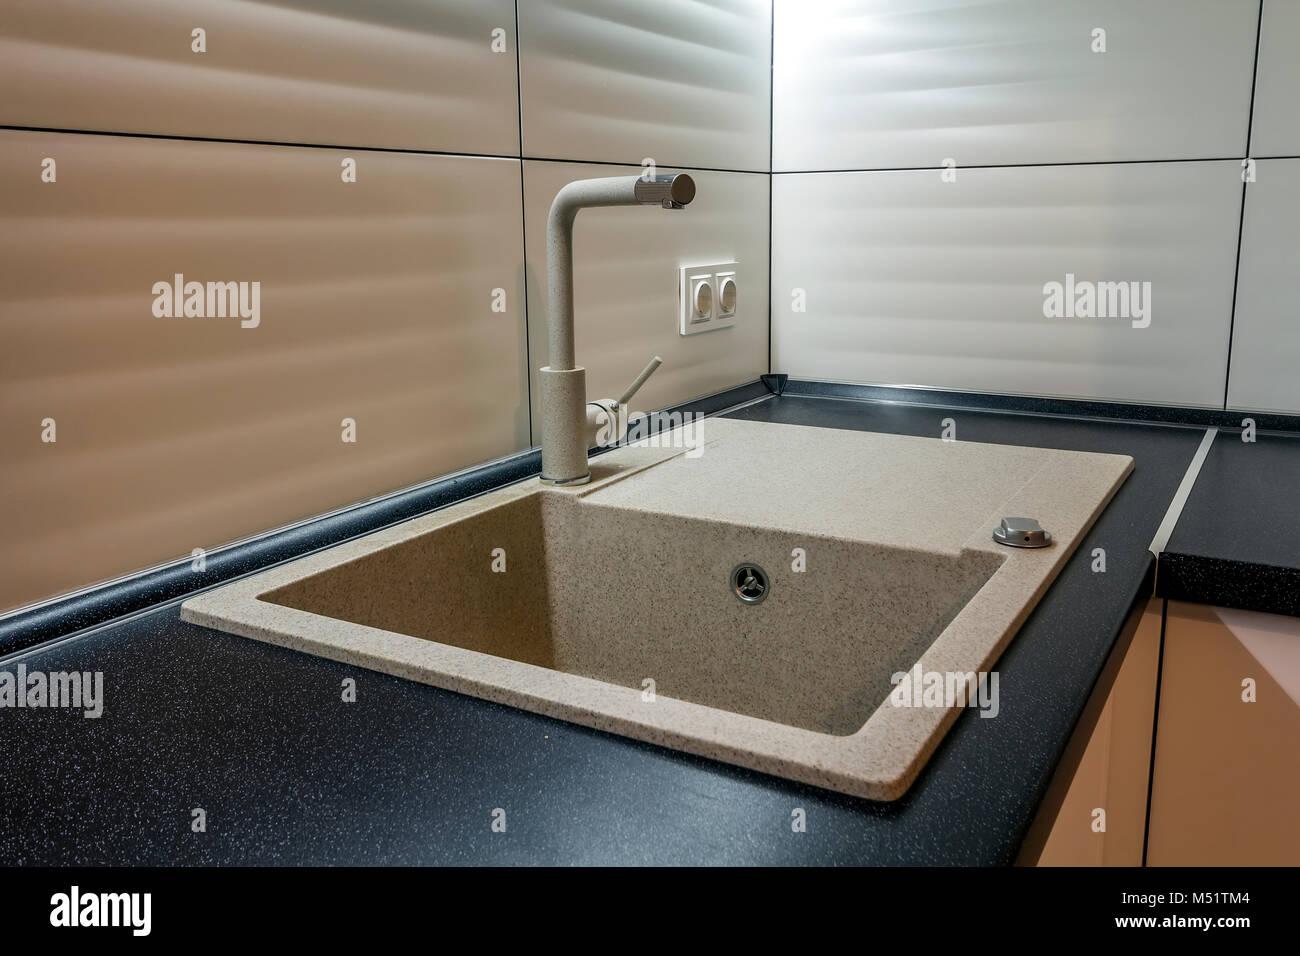 Granit Waschbecken Und Wasserhahn In Neue Moderne Kuche Innenraum